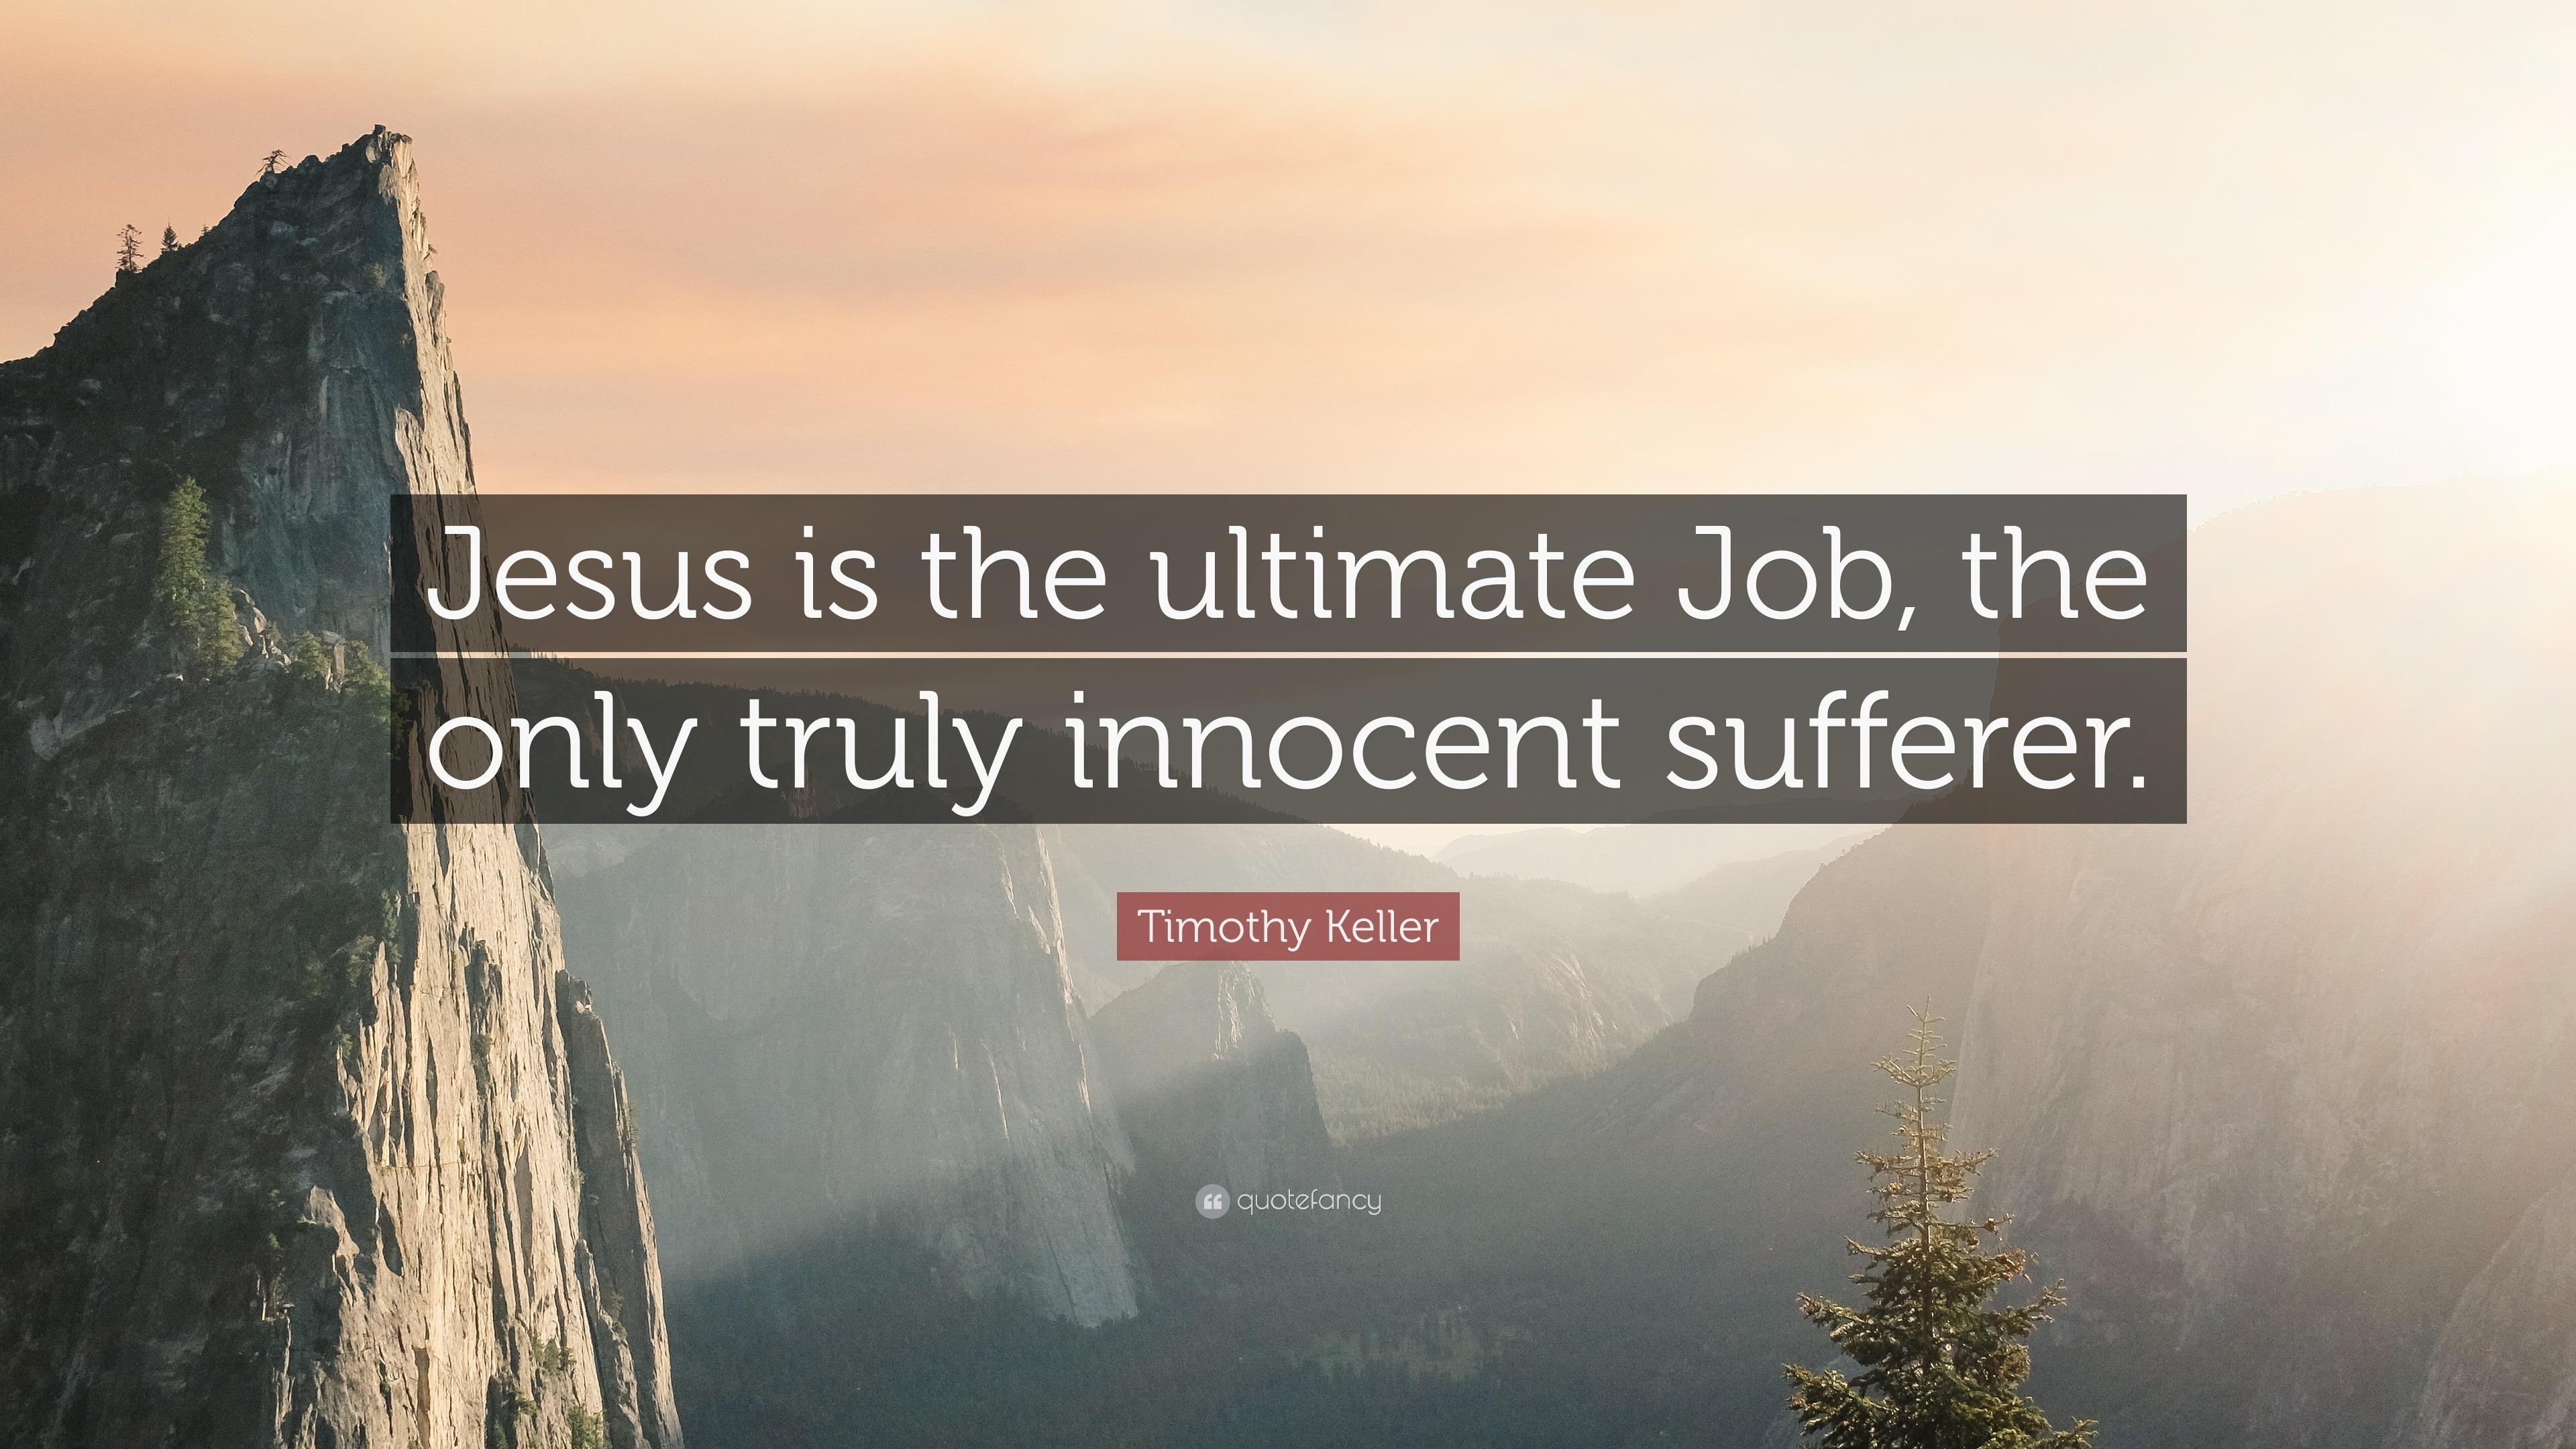 An Innocent Sufferer